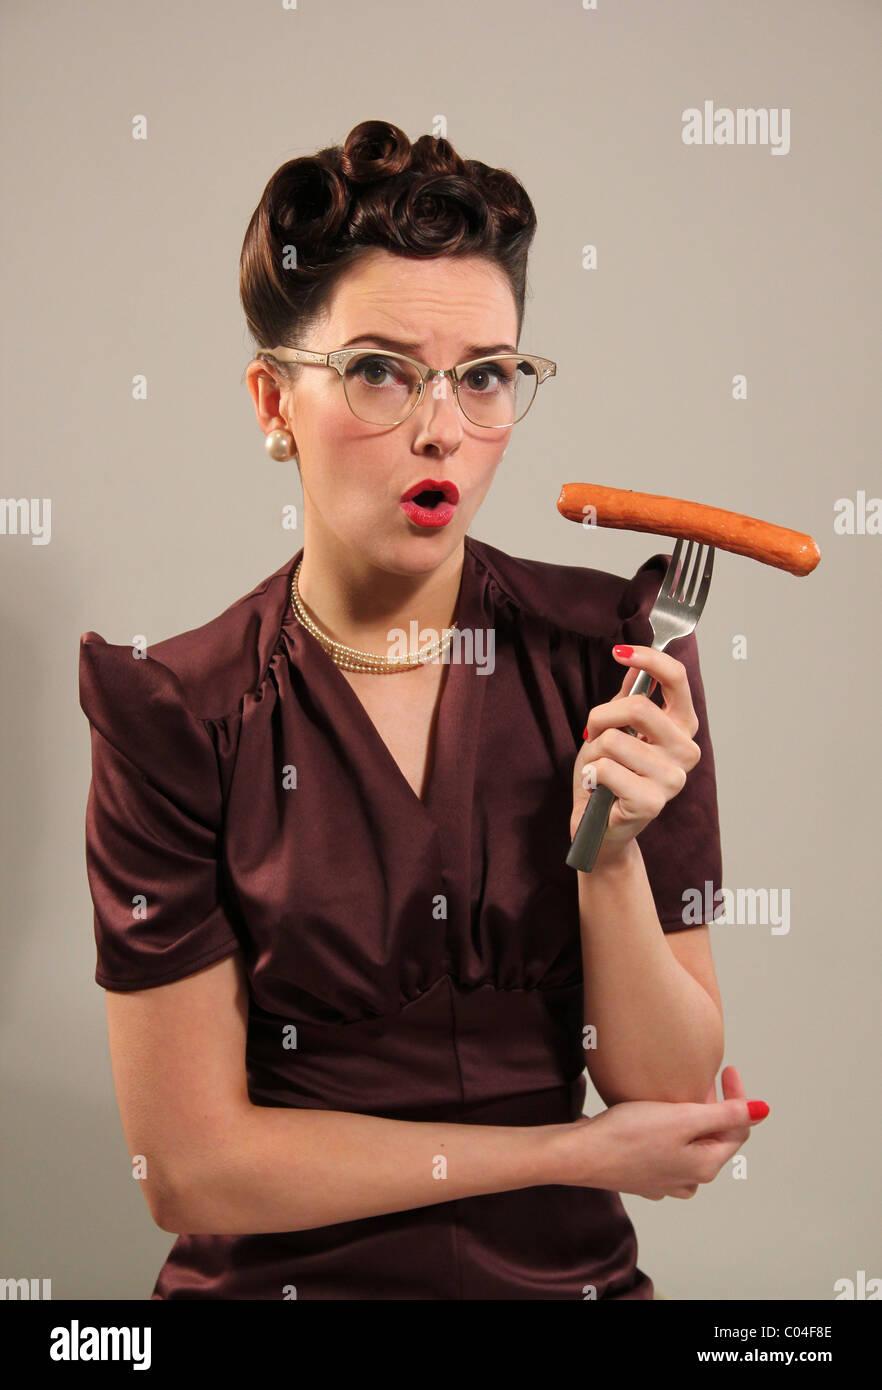 Retro mulher com uma salsicha Imagens de Stock